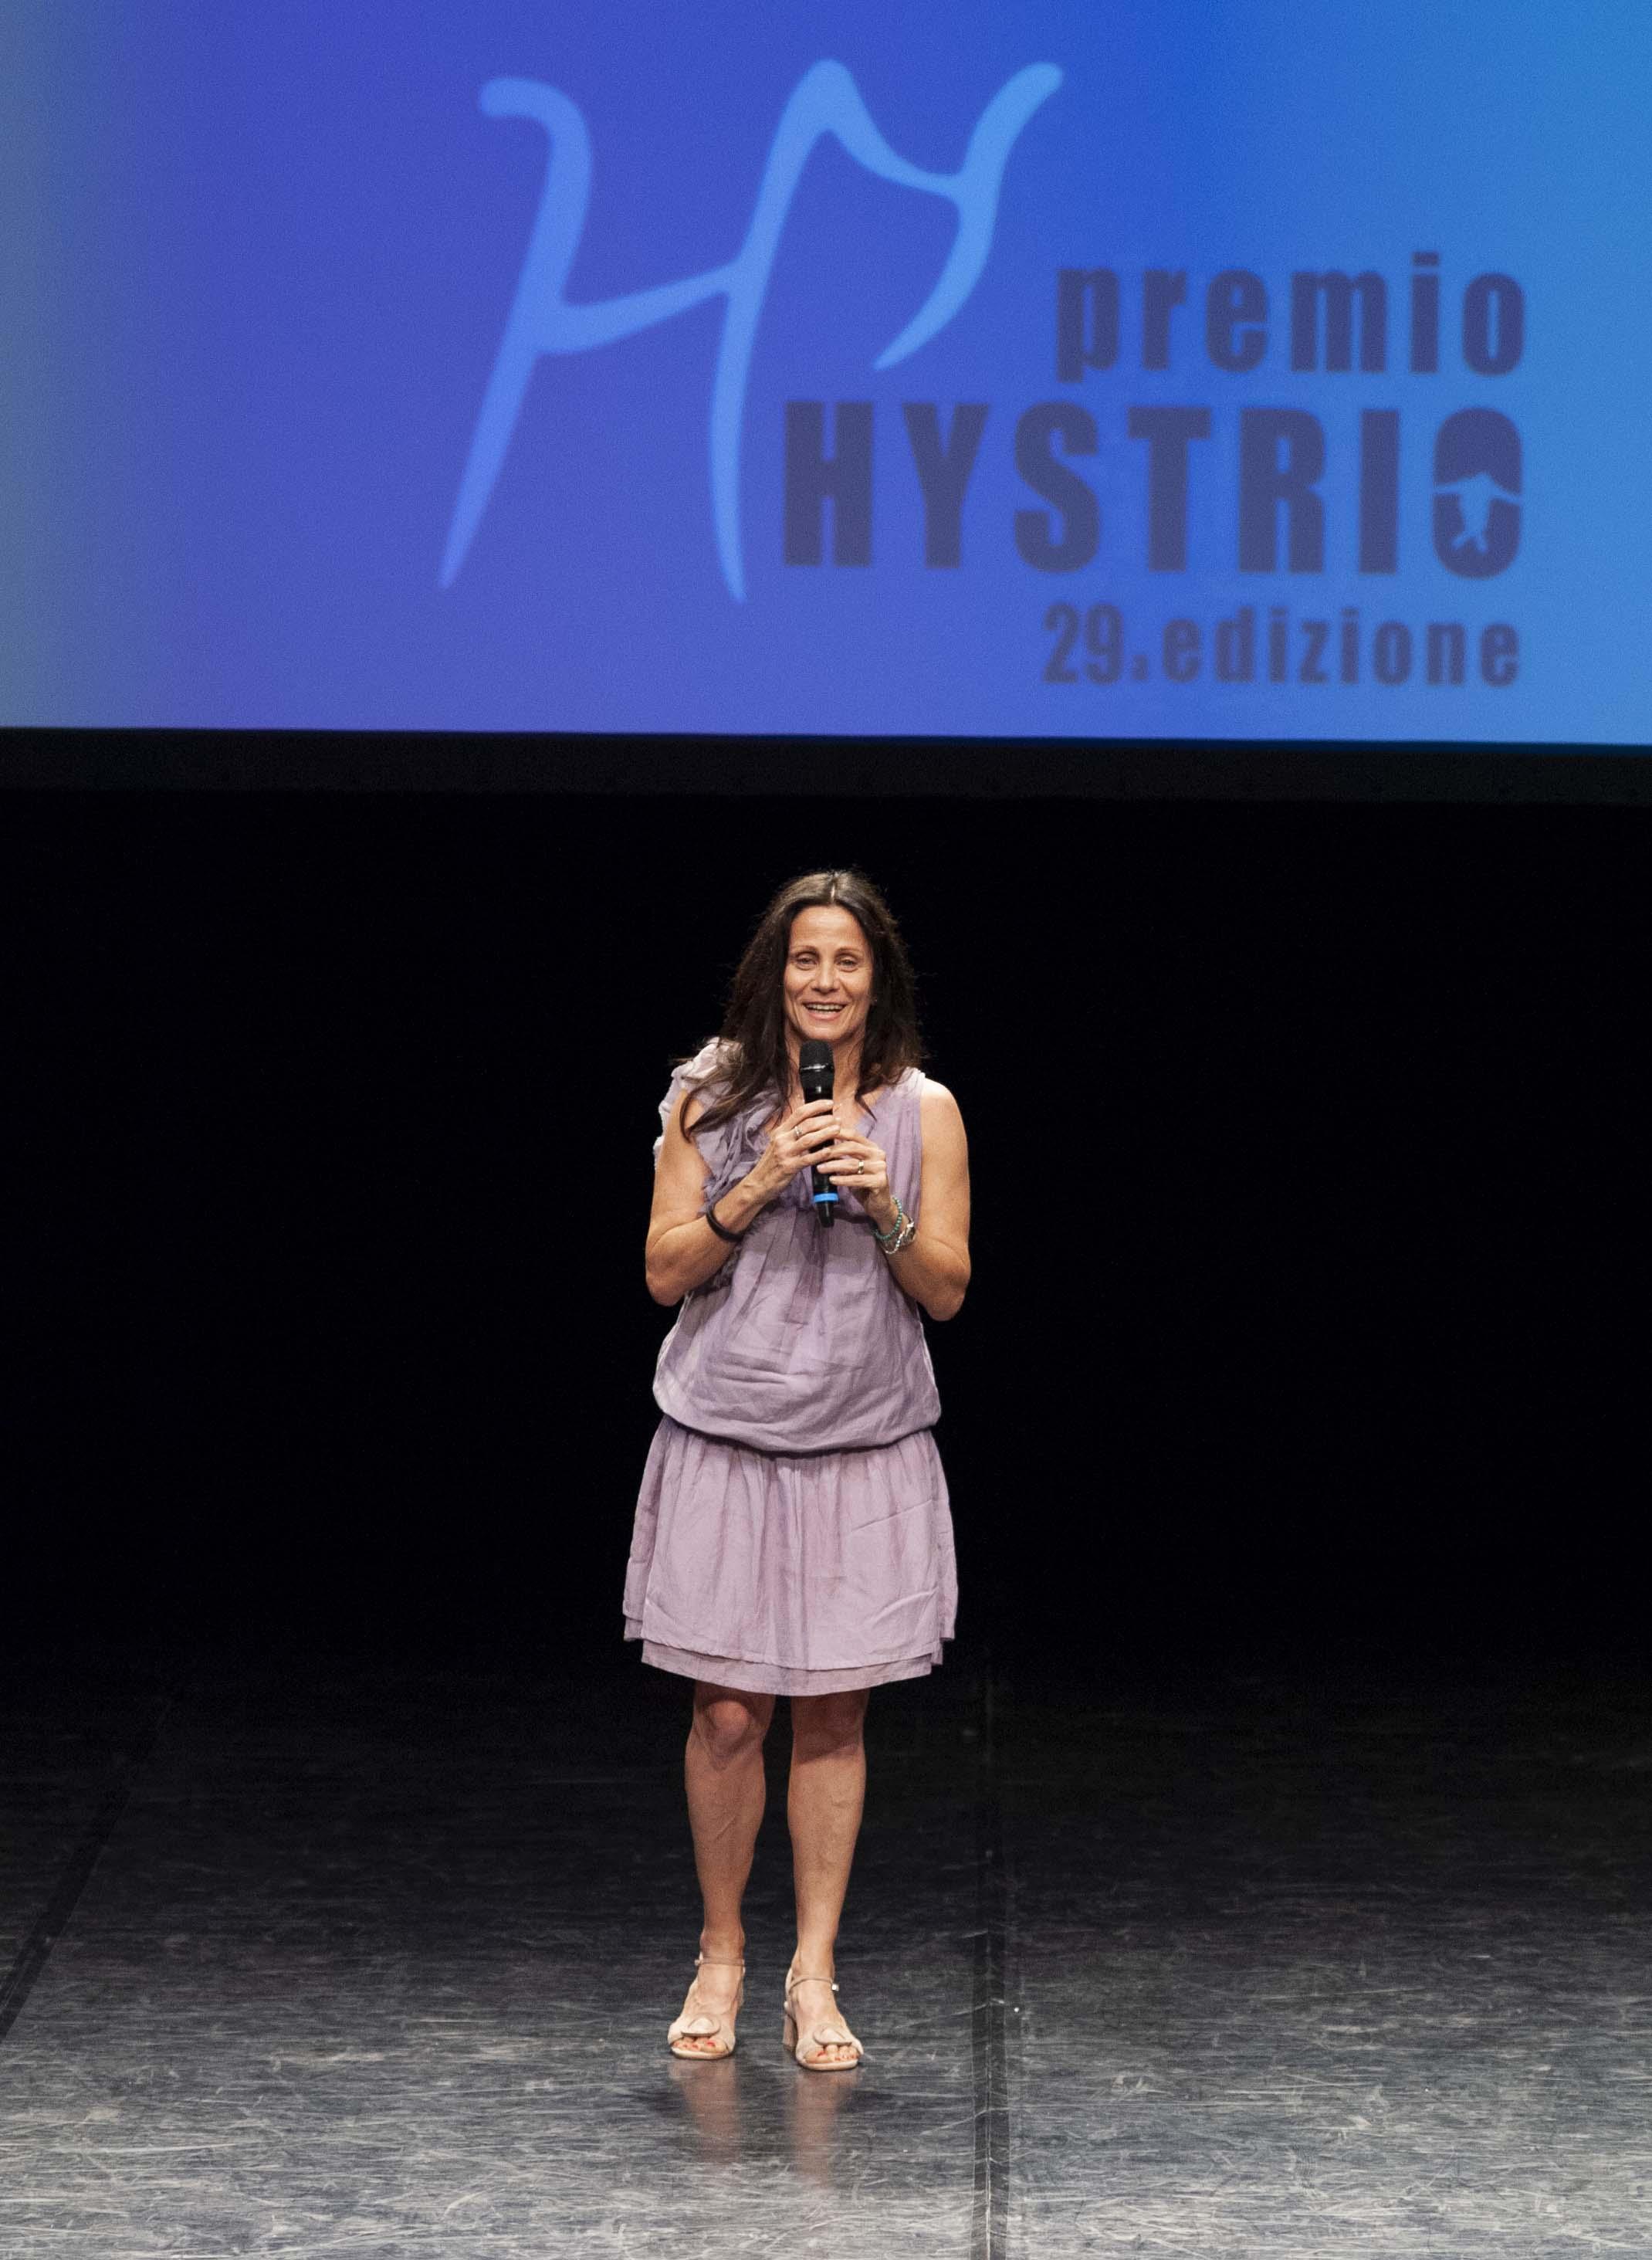 Premio Hystrio 2019 alla drammaturgia_ Lucia Calamaro_ph Gabriele Lopez